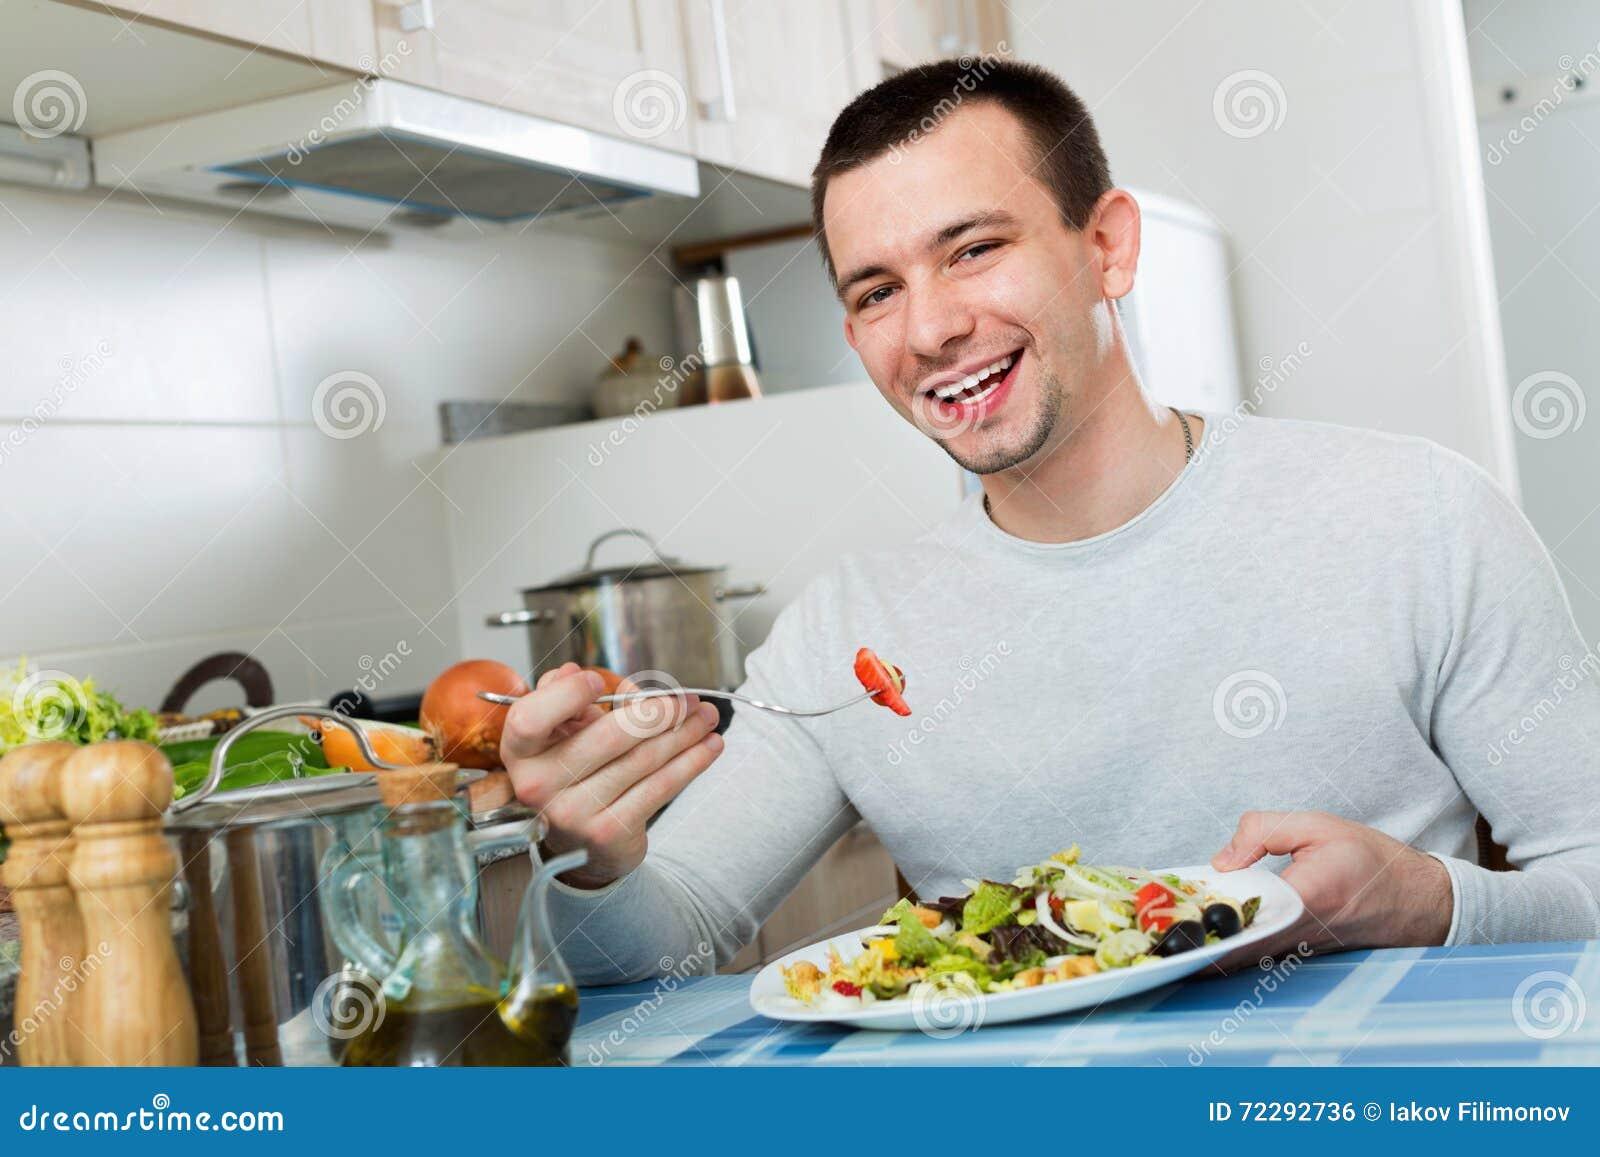 Download Обычный красивый человек держа плиту Стоковое Фото - изображение насчитывающей вырезывание, кухня: 72292736